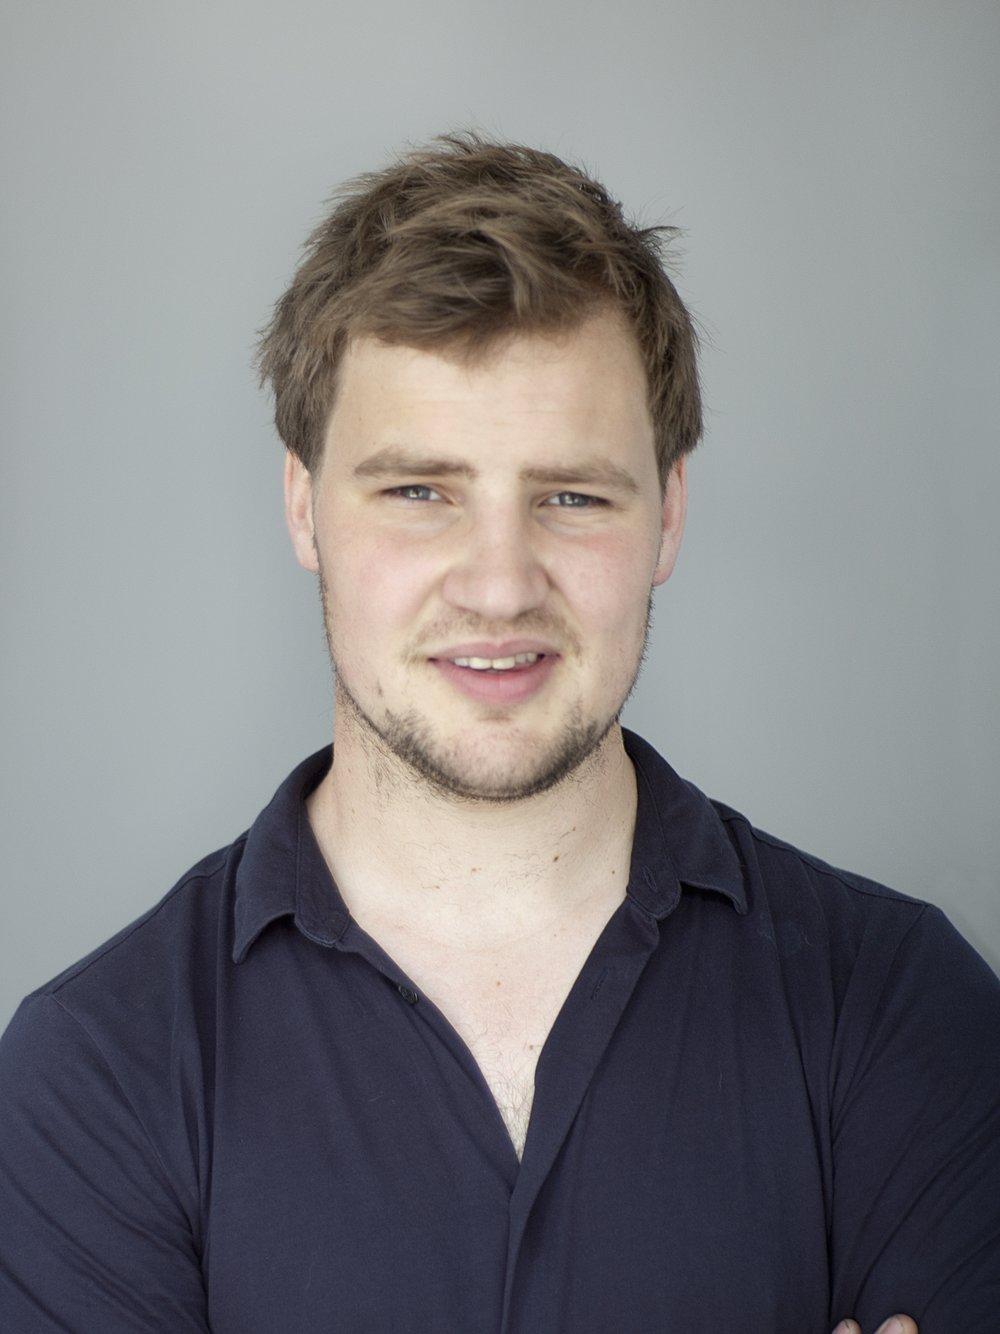 Jack Bullen - Fair Director